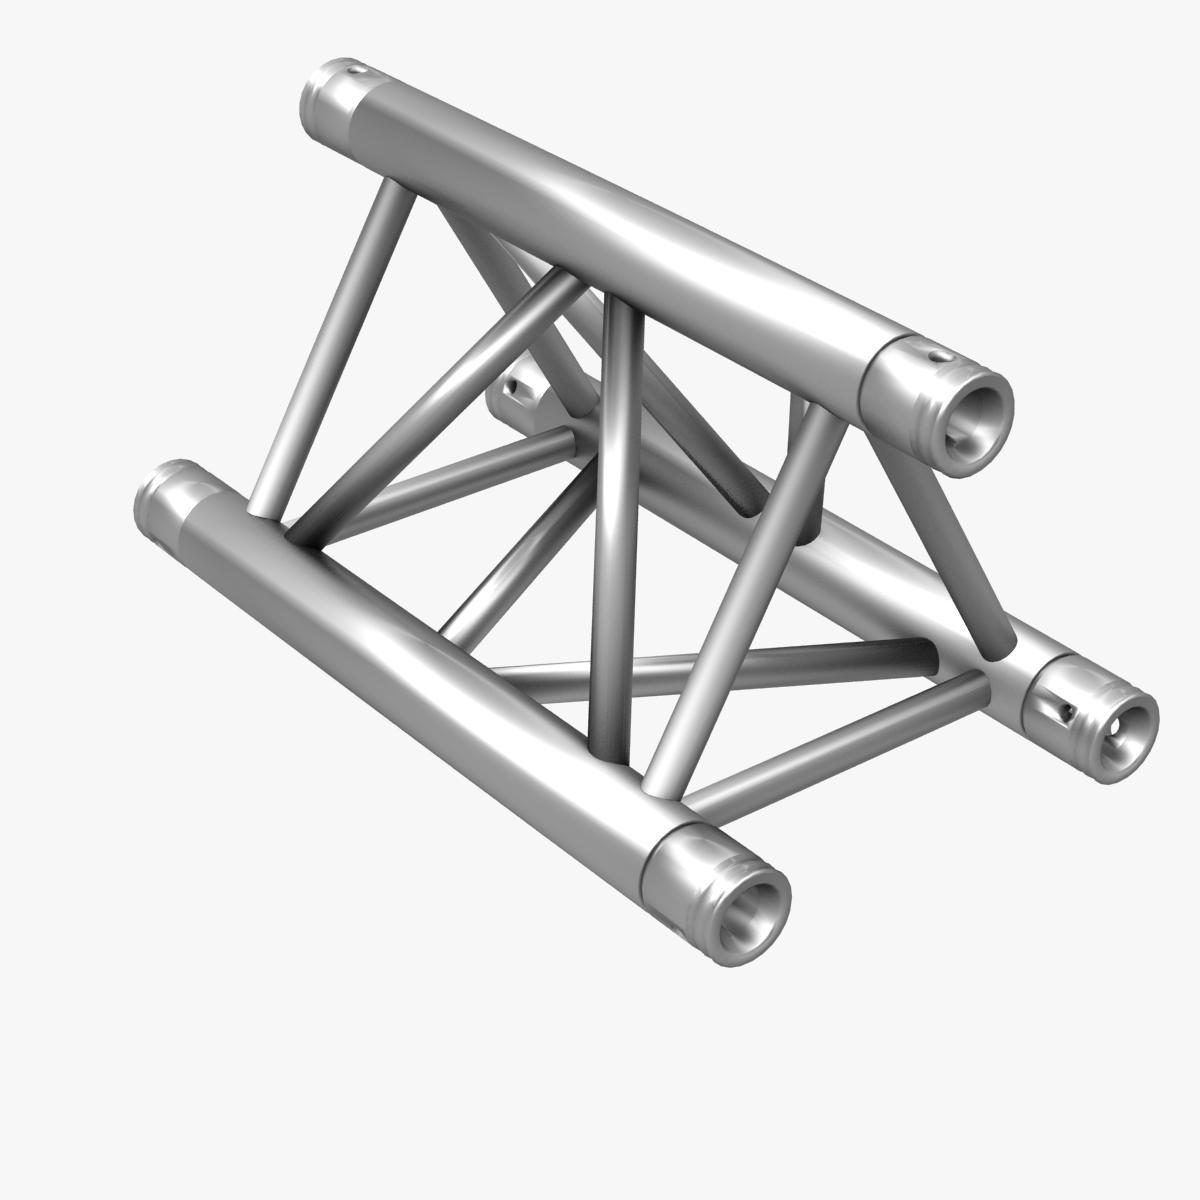 Triangular Truss Straight Segment 71 3d model 3ds max dxf fbx b3d c4d  obj 268965